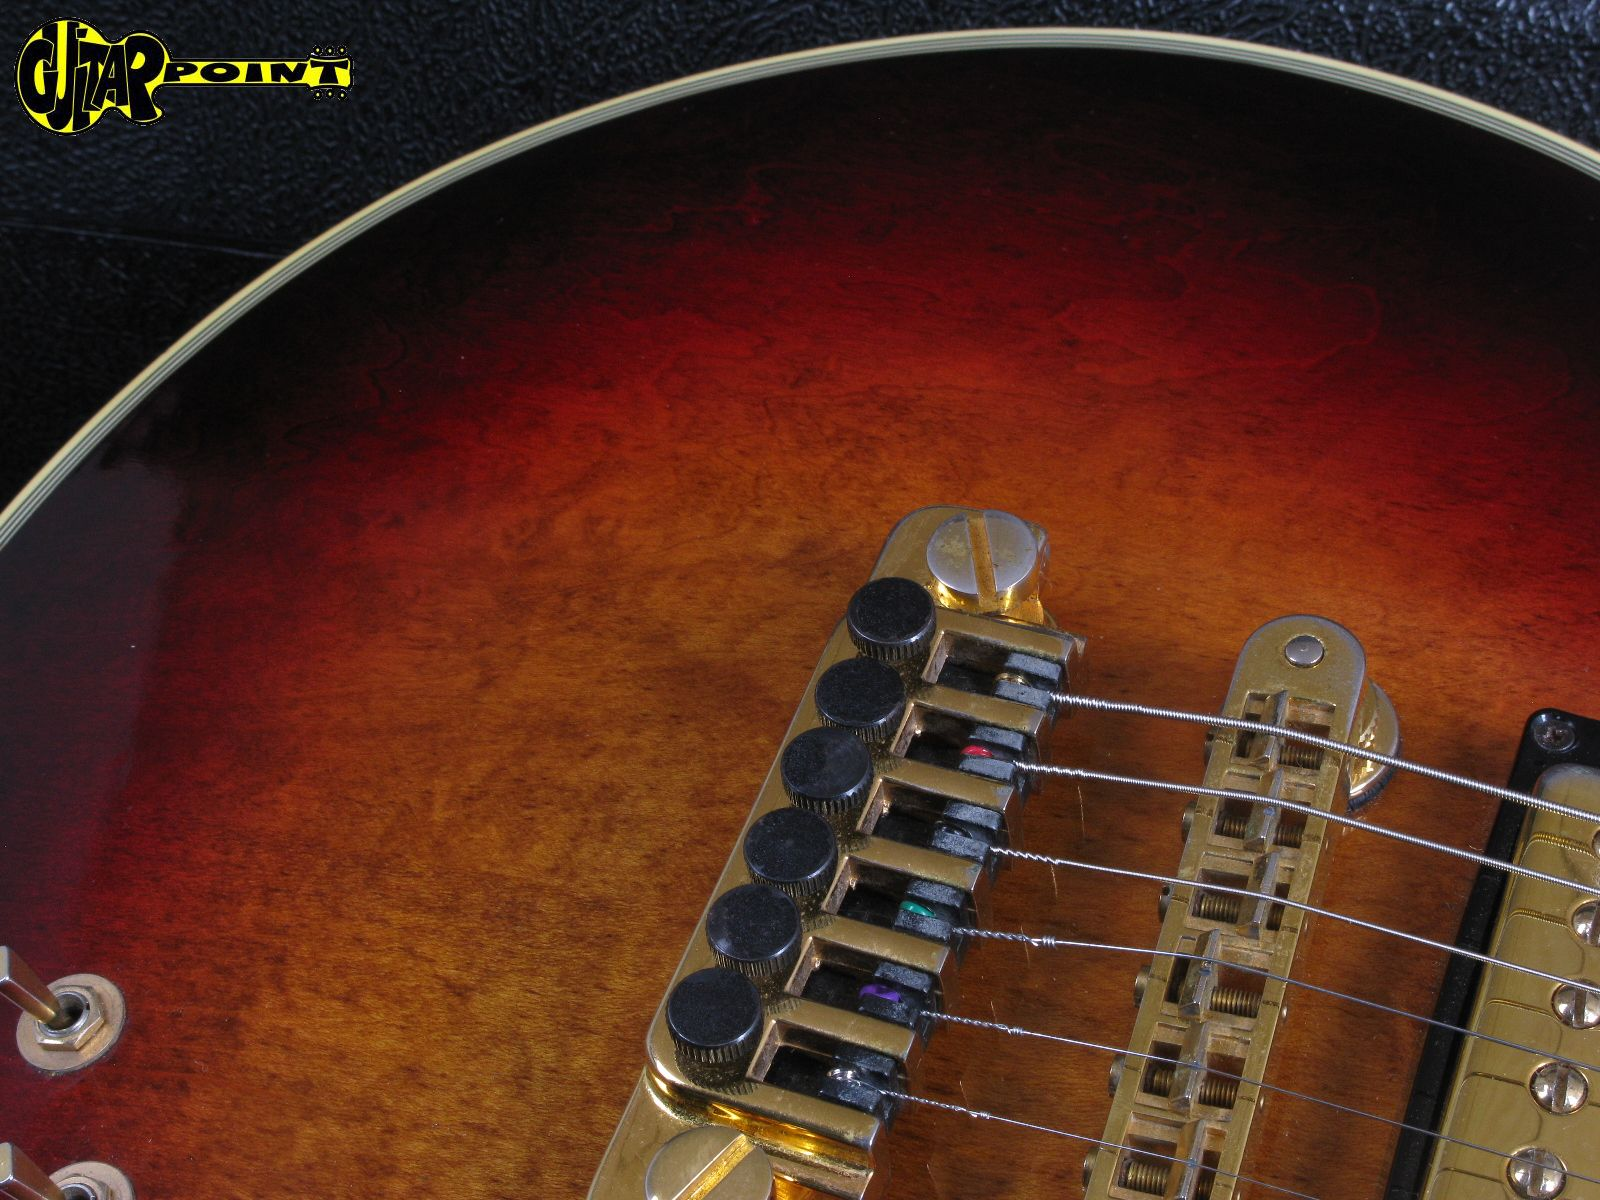 https://guitarpoint.de/app/uploads/products/1980-gibson-les-paul-artist-fireburst/Gibson80LP_Artist0524_19.jpg